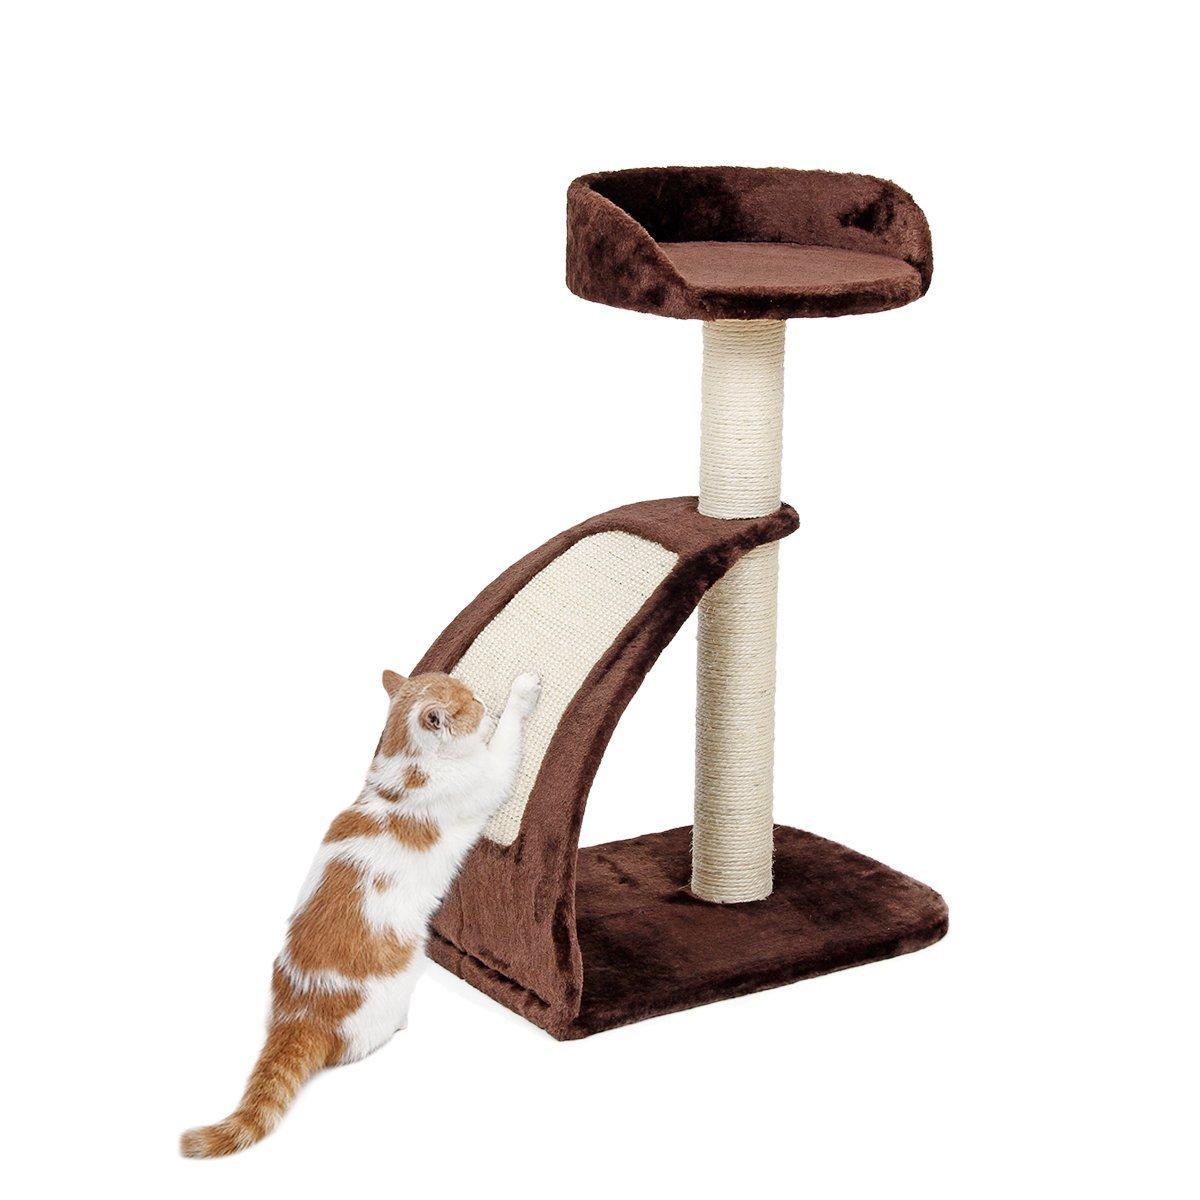 JILAN HOME- Pawz Straße Katze Baum Haustier Kratzer Kätzchen Kratzer Post Natürliche Sisal Katze Spielzeug Funny Activity Center